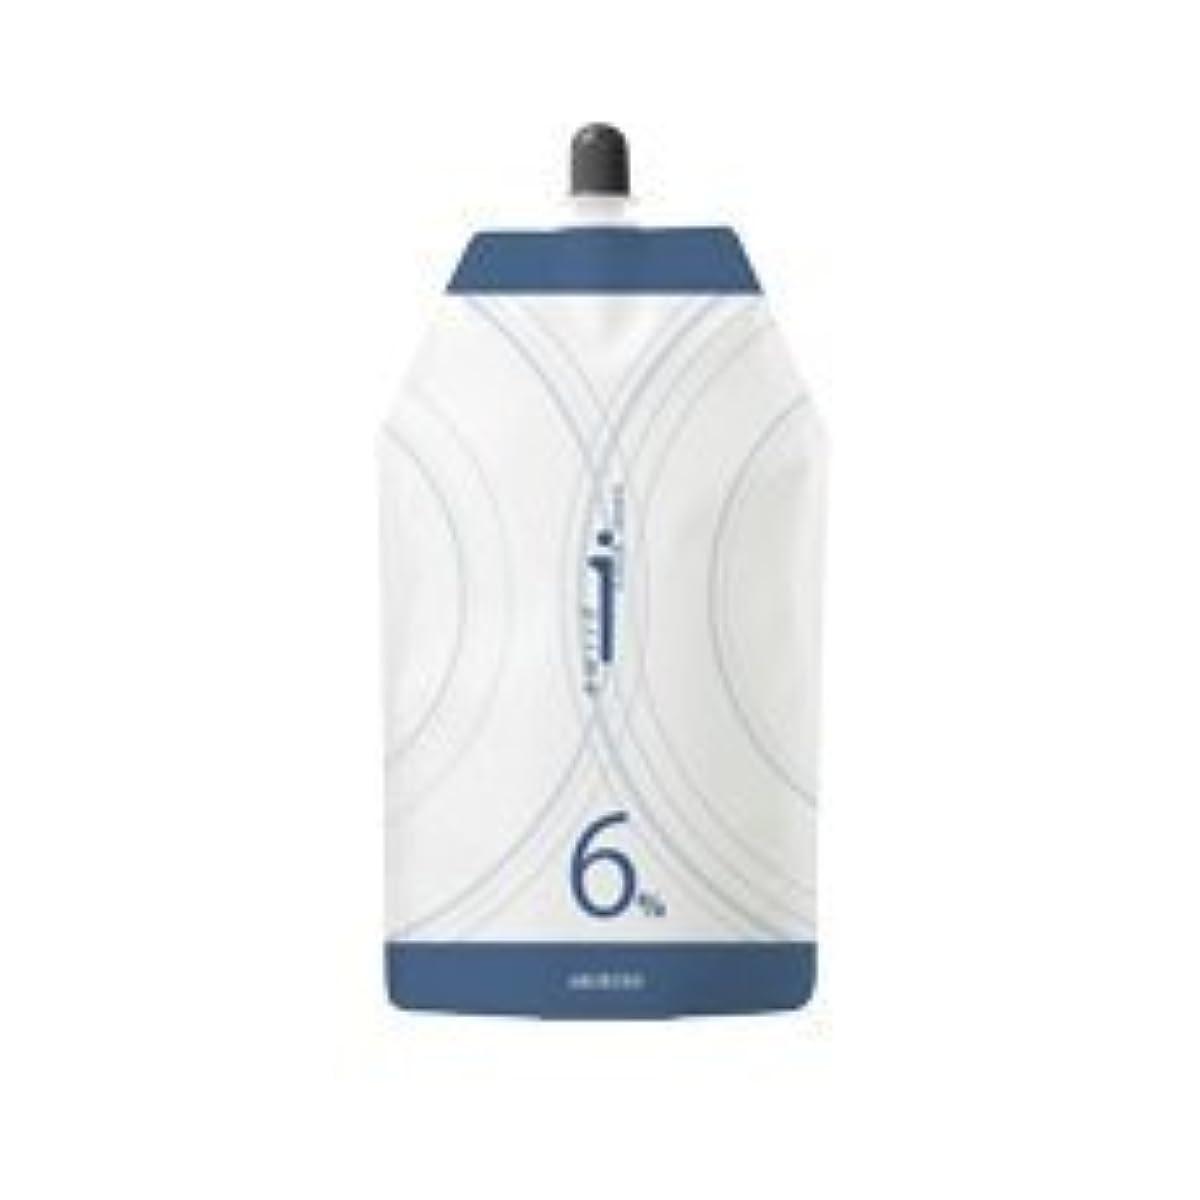 アリミノ カラーストーリーiプライム ヘアカラー OX6% 1000g (ヘアカラー2剤)【業務用】【医薬部外品】